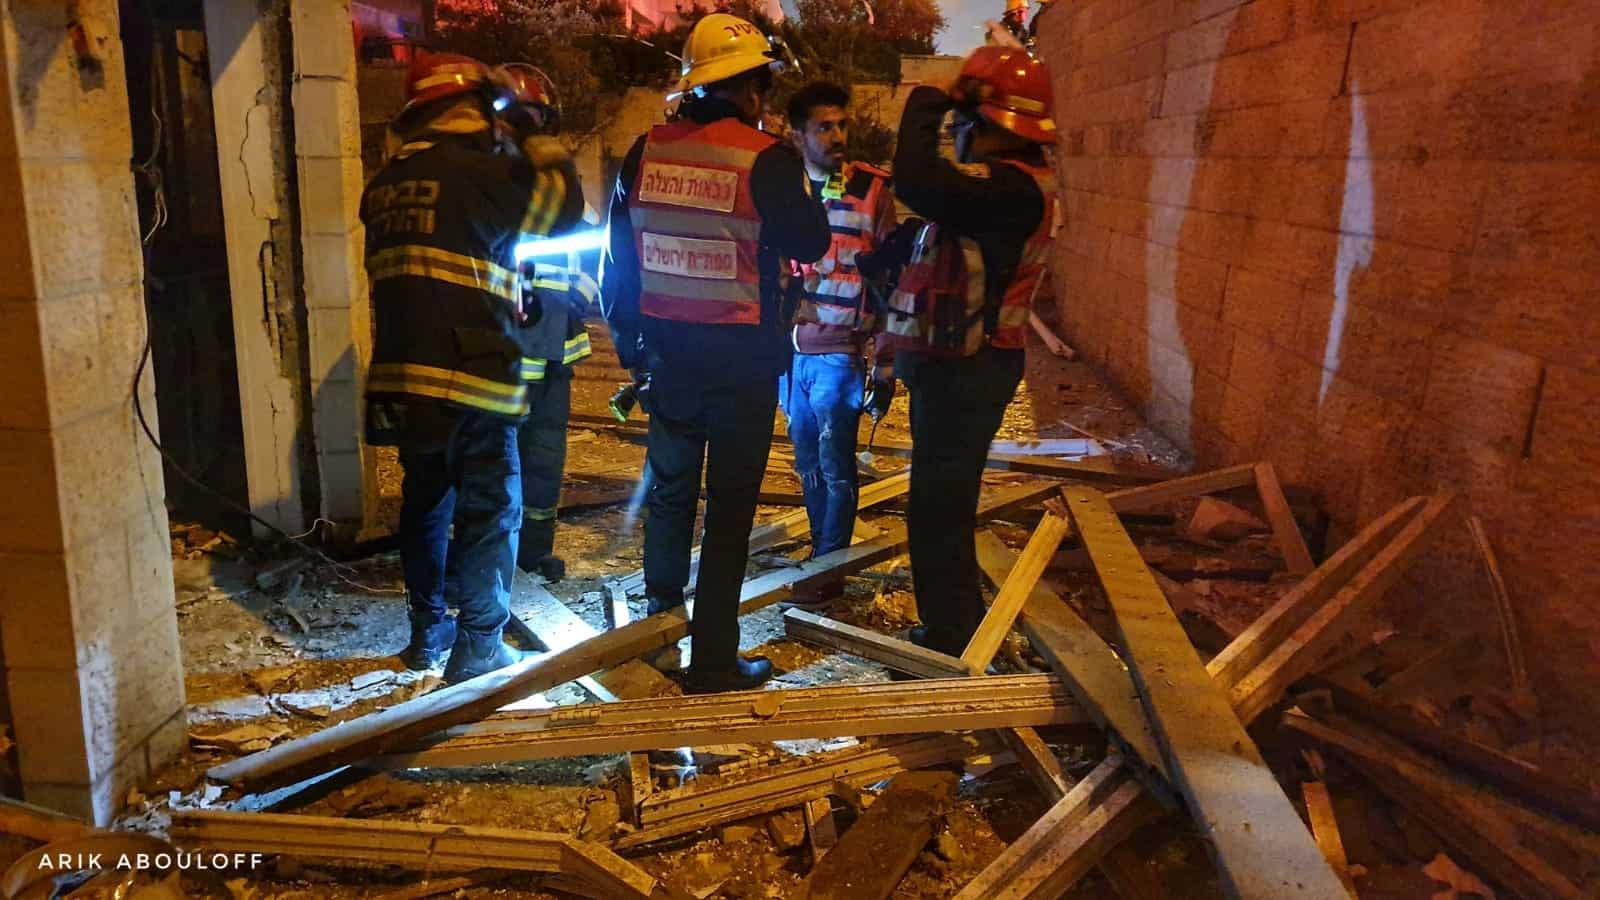 צפו: פיצוץ גז בבית הכנסת בשכונת בית וגן – חשש לקריסת המבנה